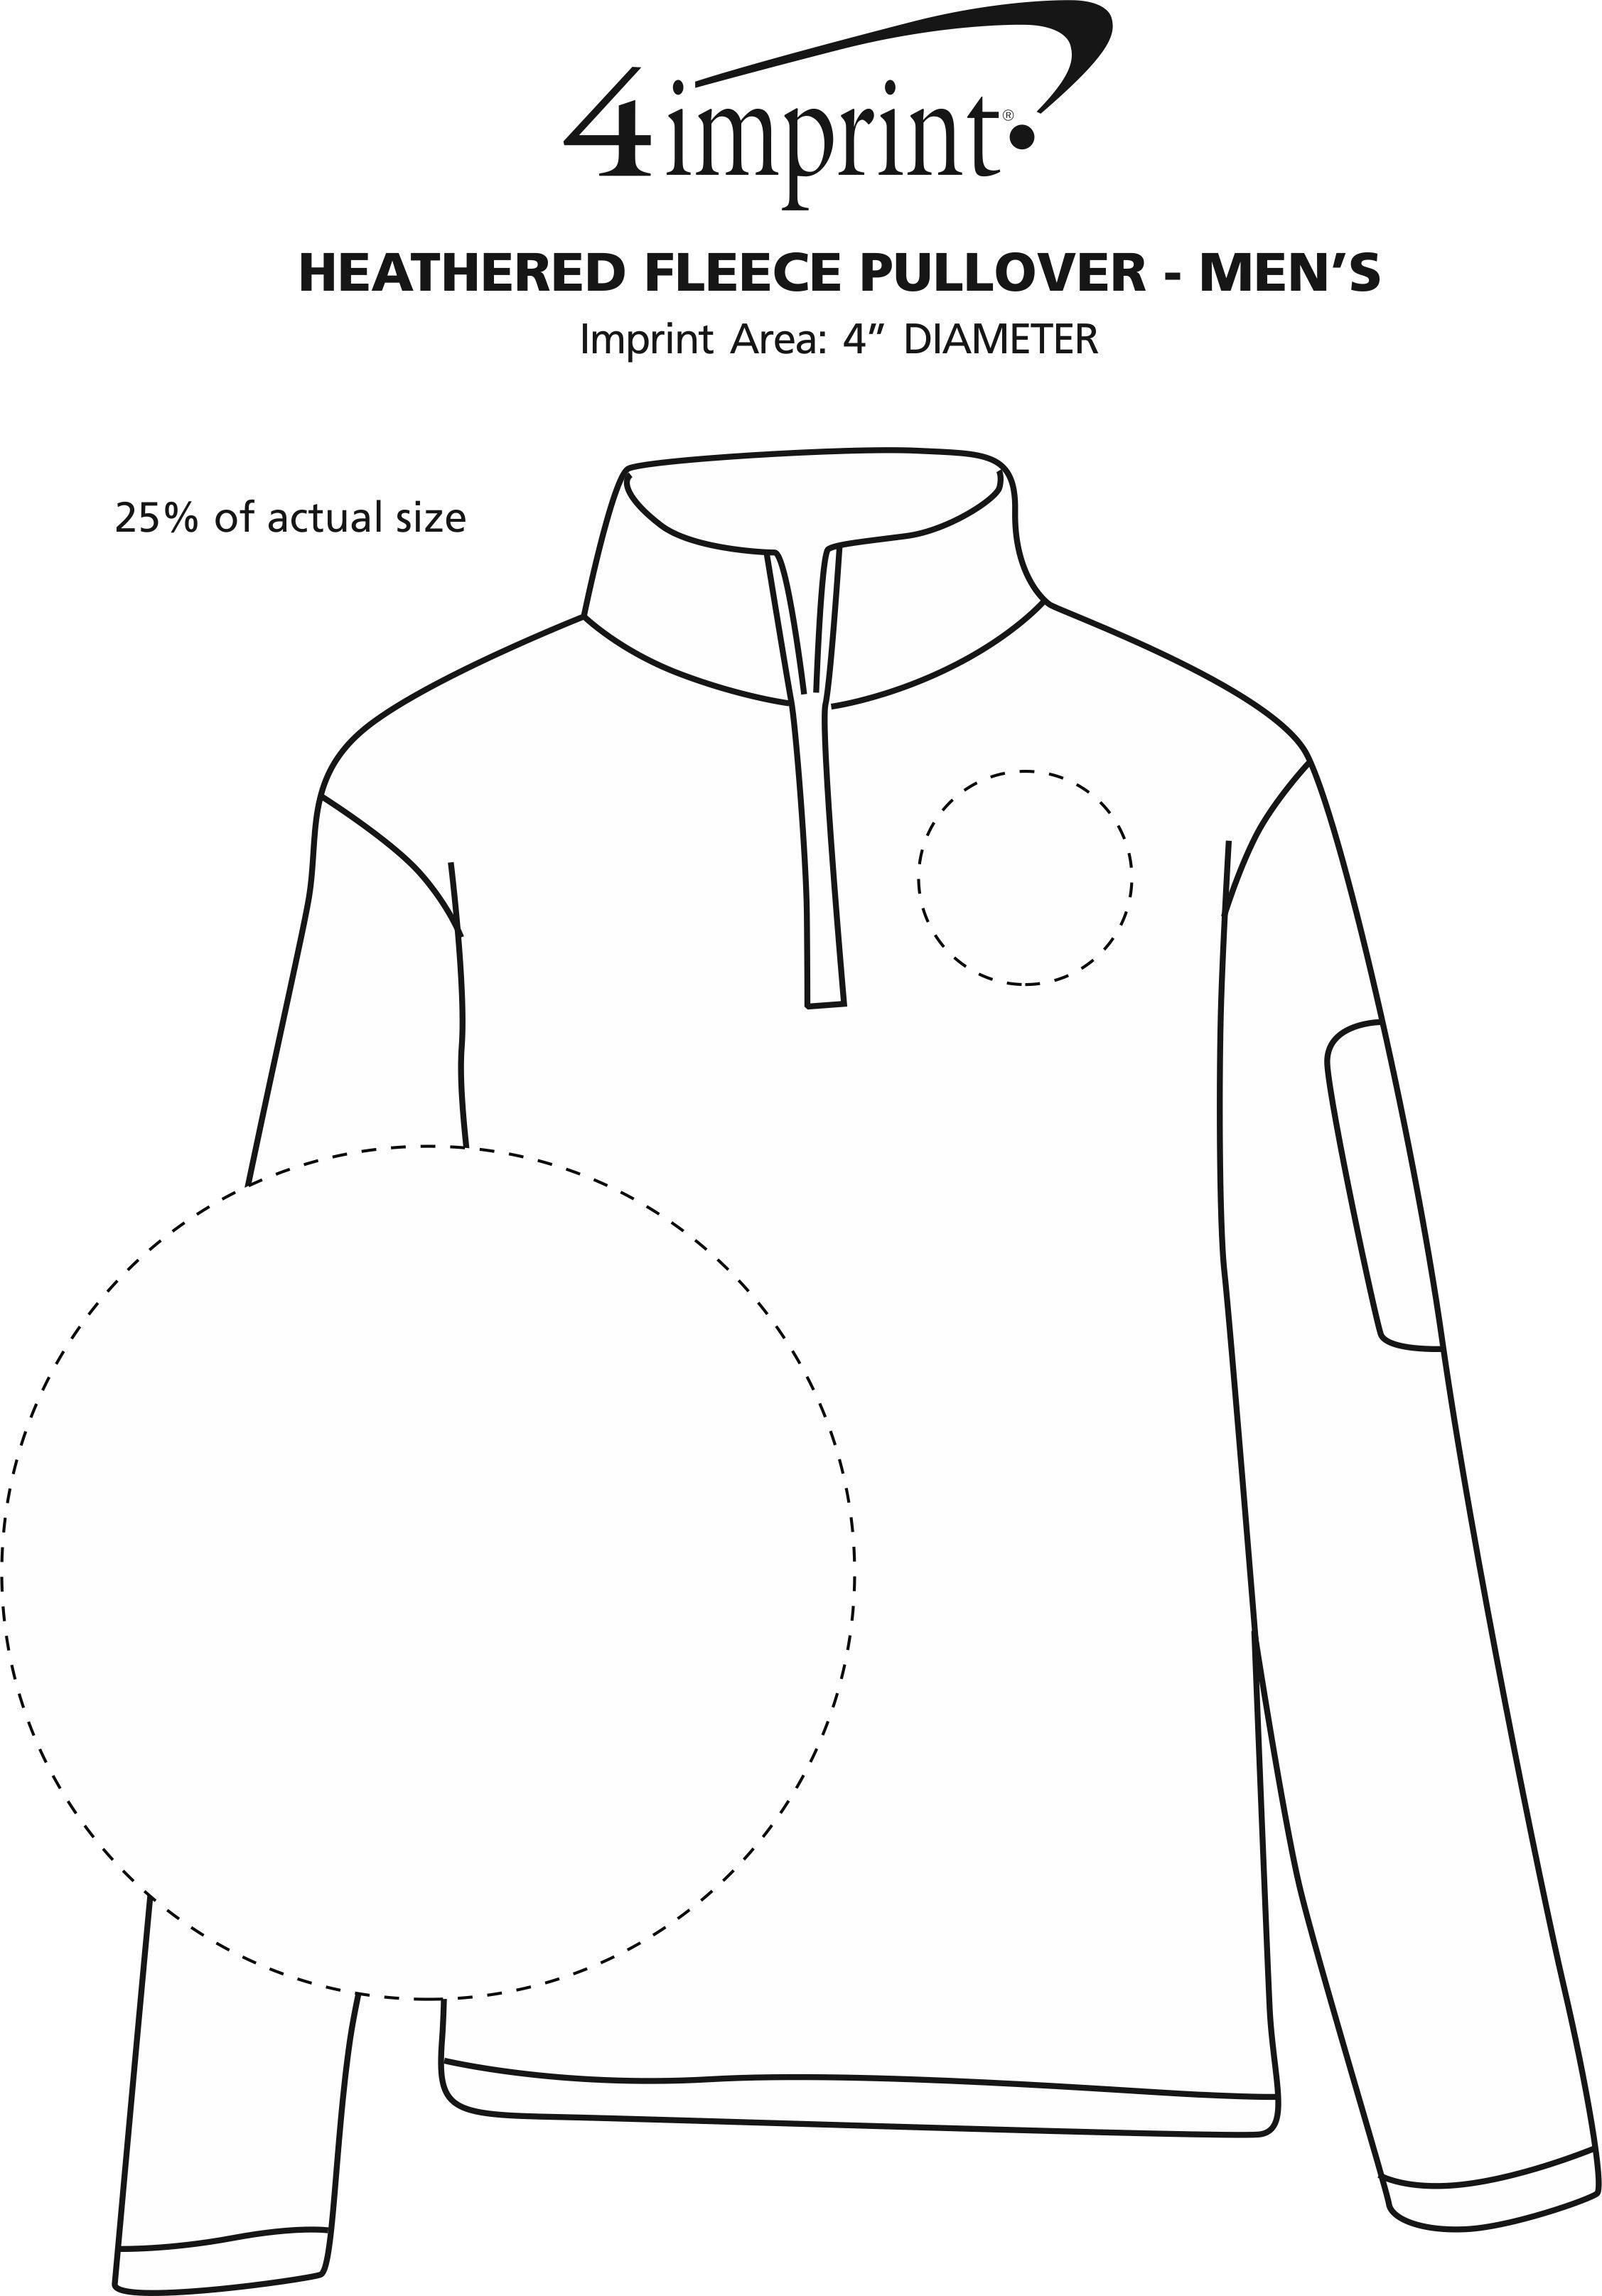 Imprint Area of Heathered Fleece Pullover - Men's